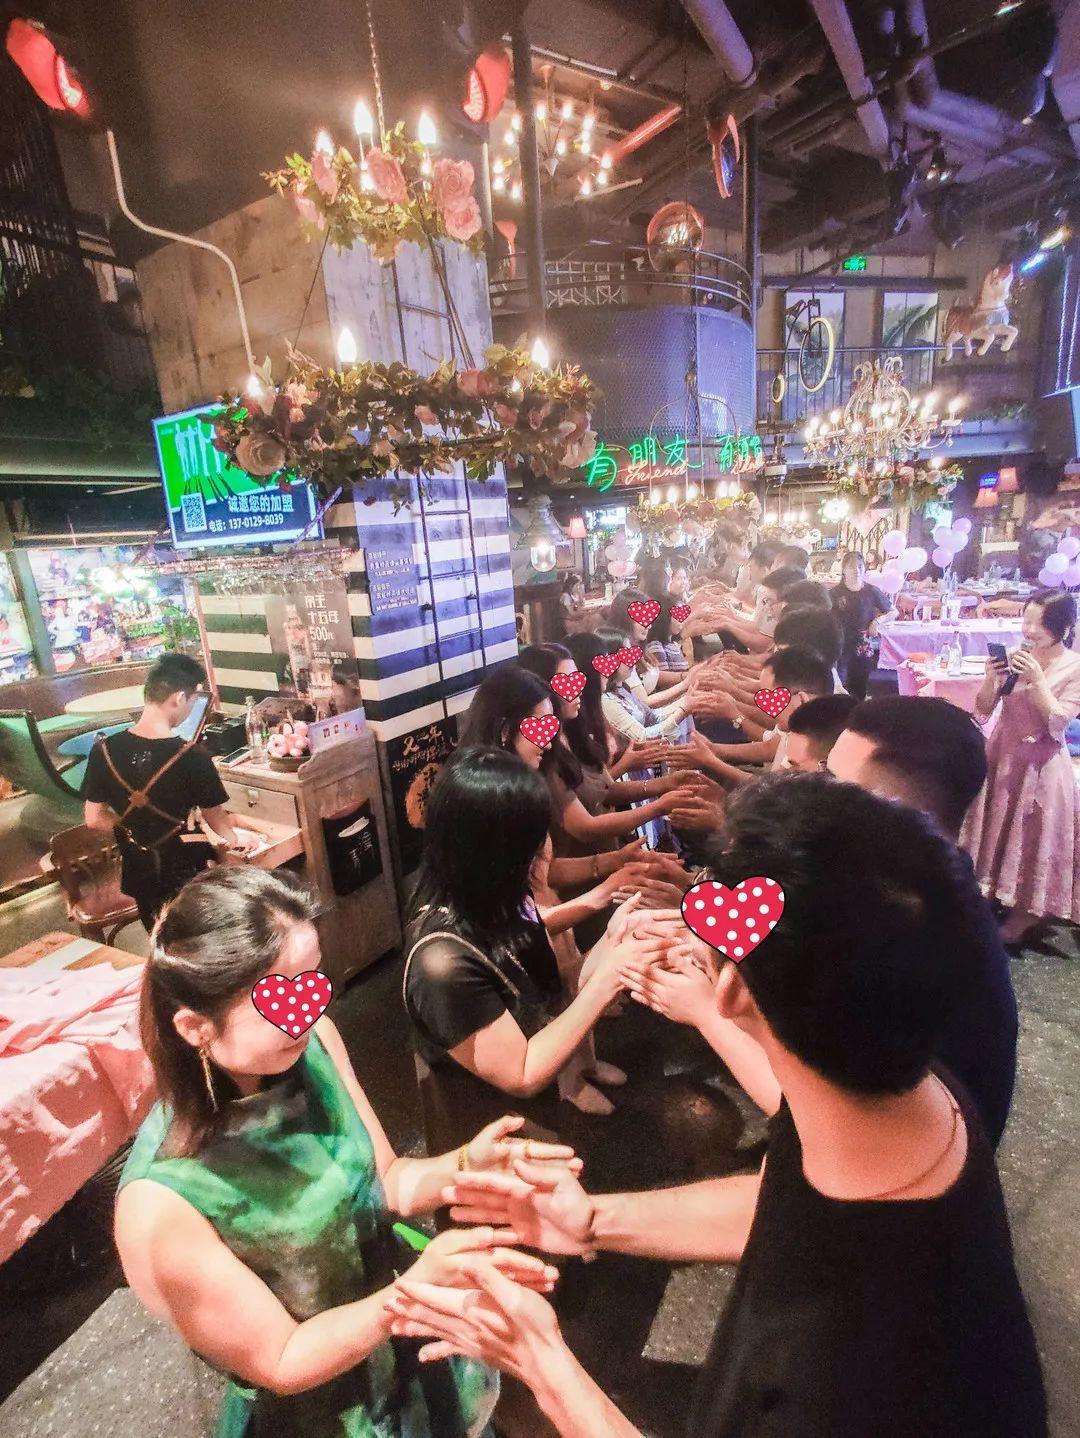 12月7日这场宝藏派对!藏着许多脱单机会!